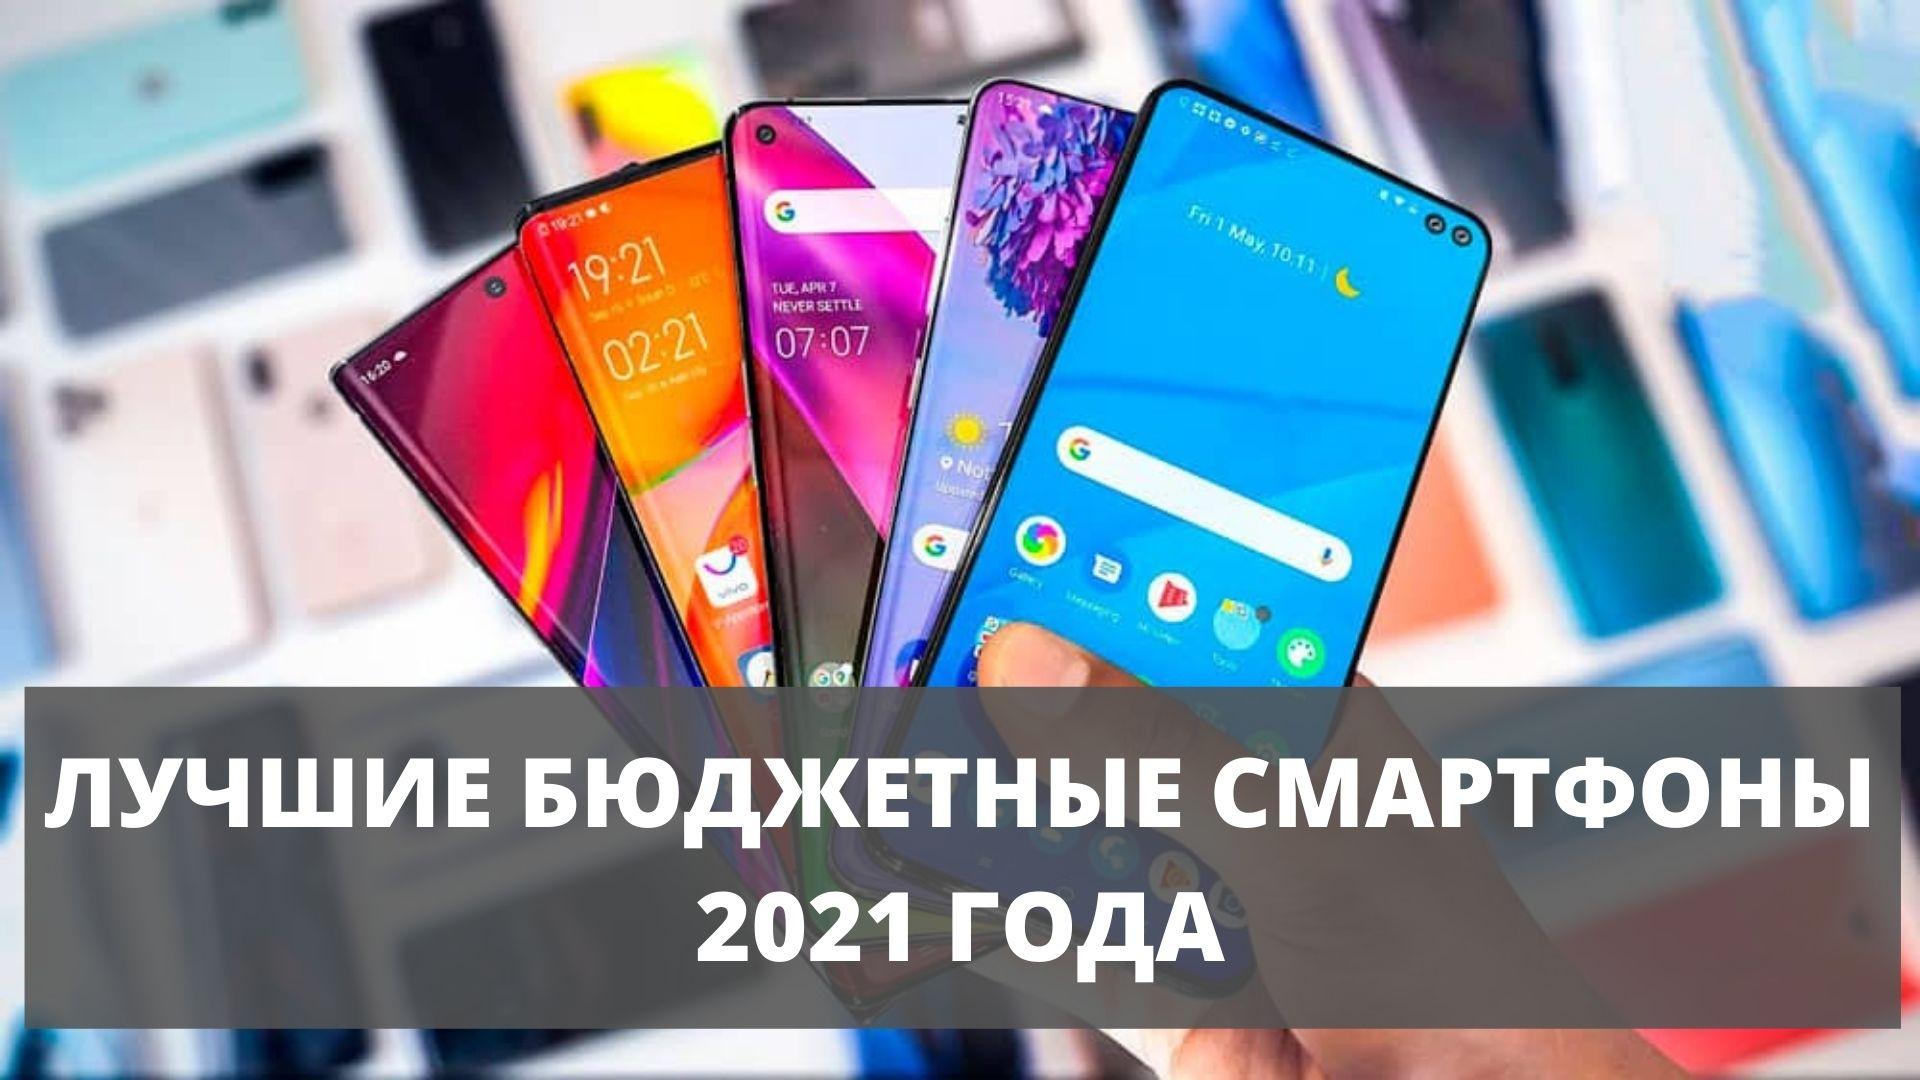 Лучшие бюджетные смартфоны 2021 года